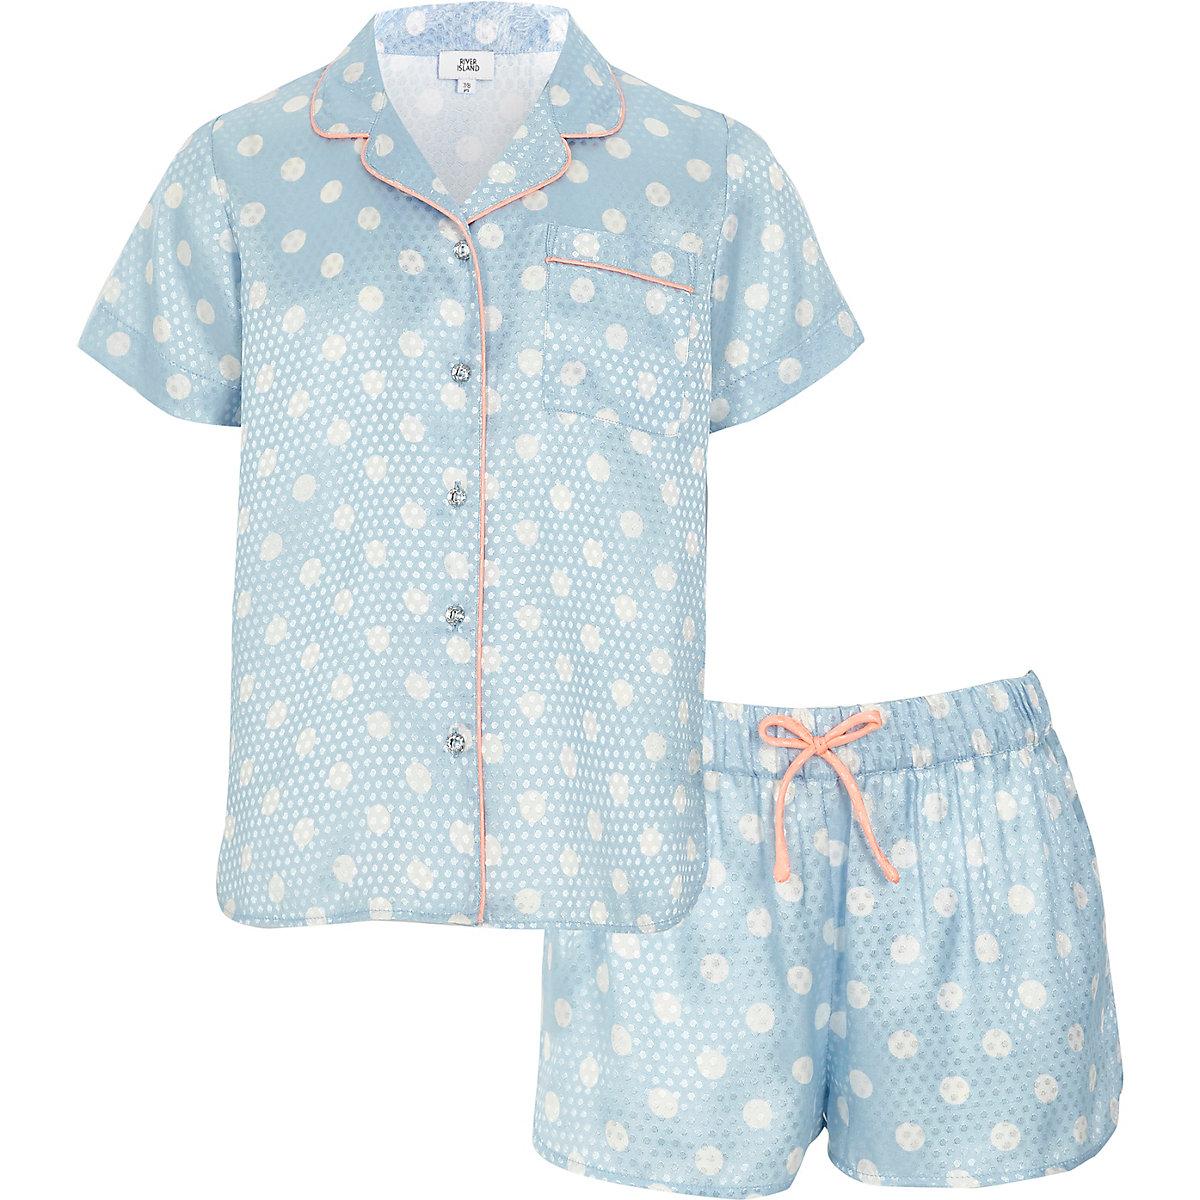 Girls blue polka dot pyjama shirt set